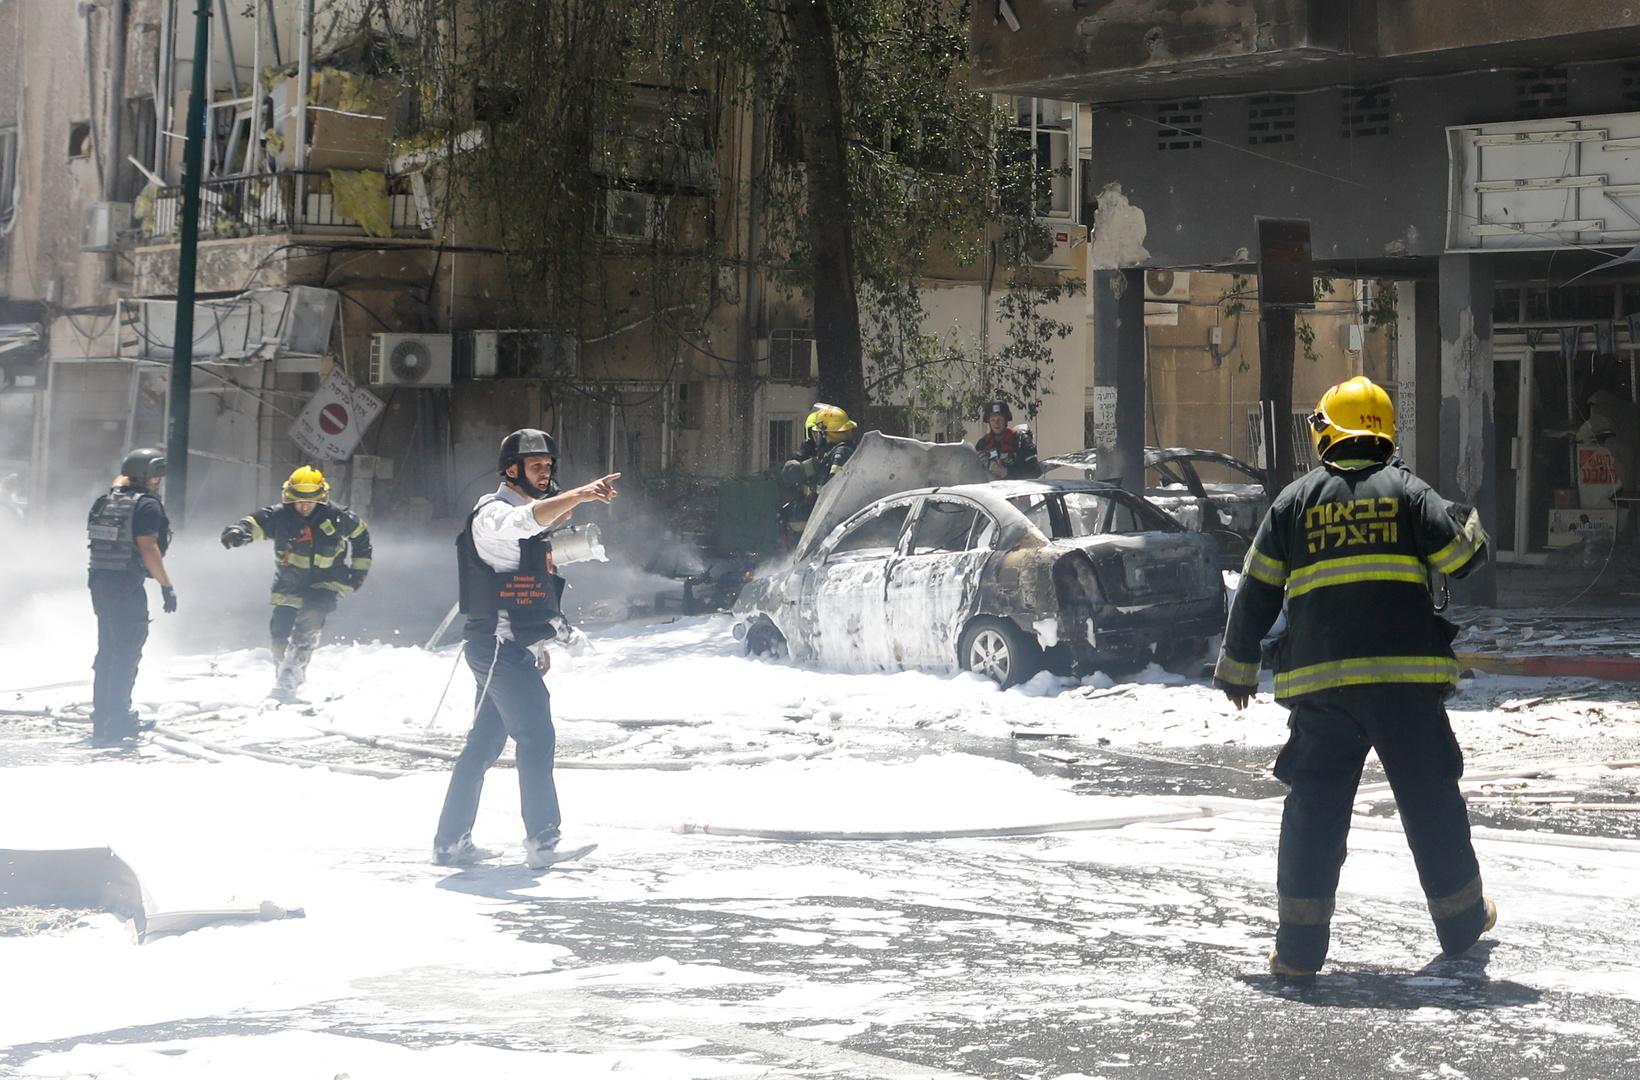 كتائب القسام توجه ضربة صاروخية لتل أبيب بعشرات الصواريخ